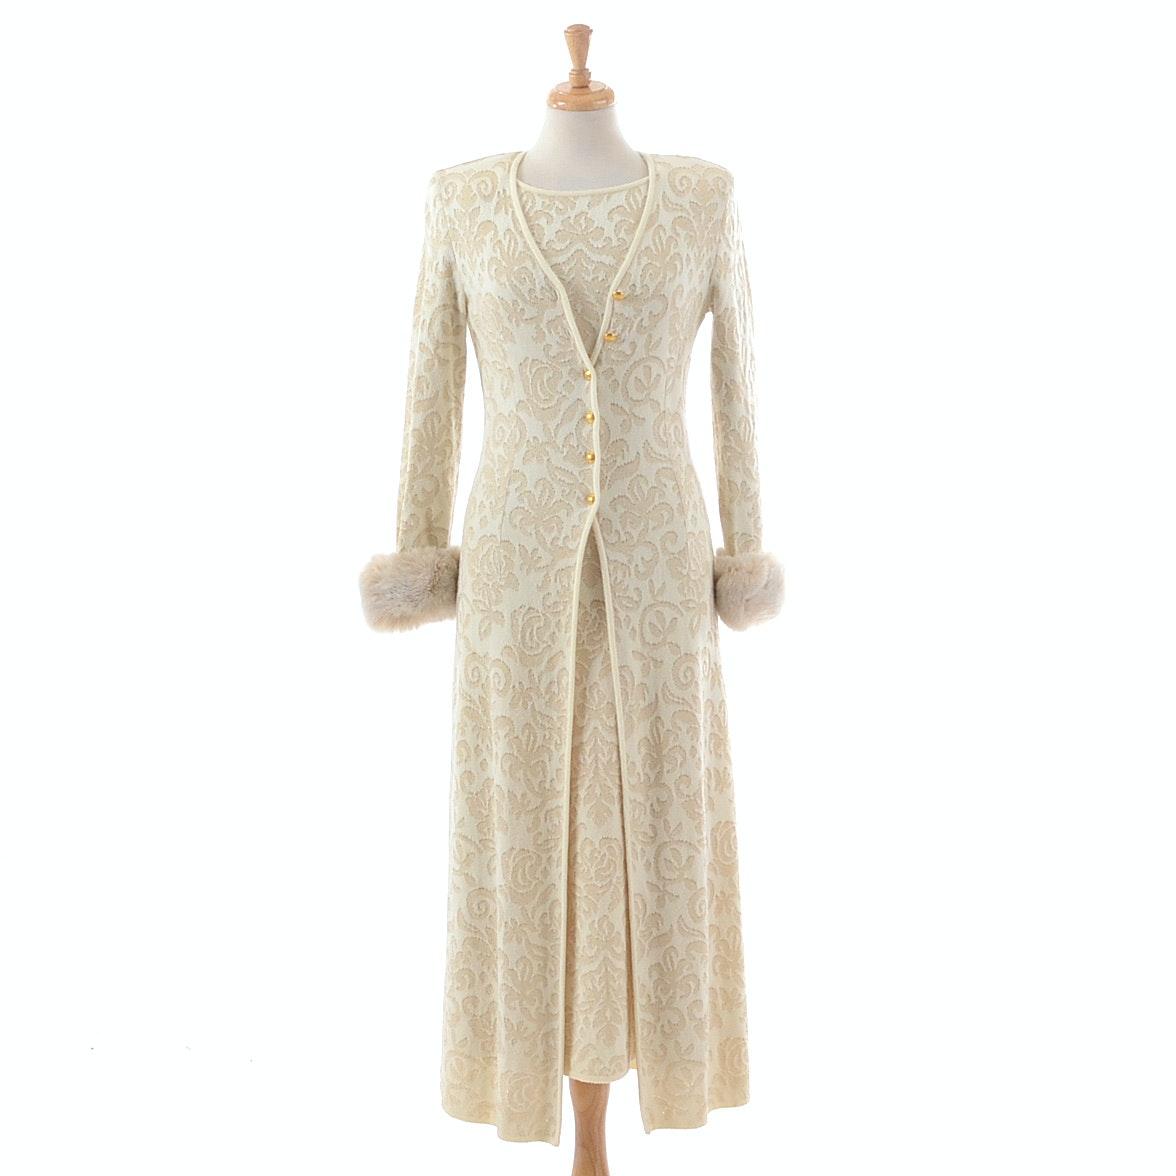 Escada by Margaretha Ley Knit Long Dress and Cardigan